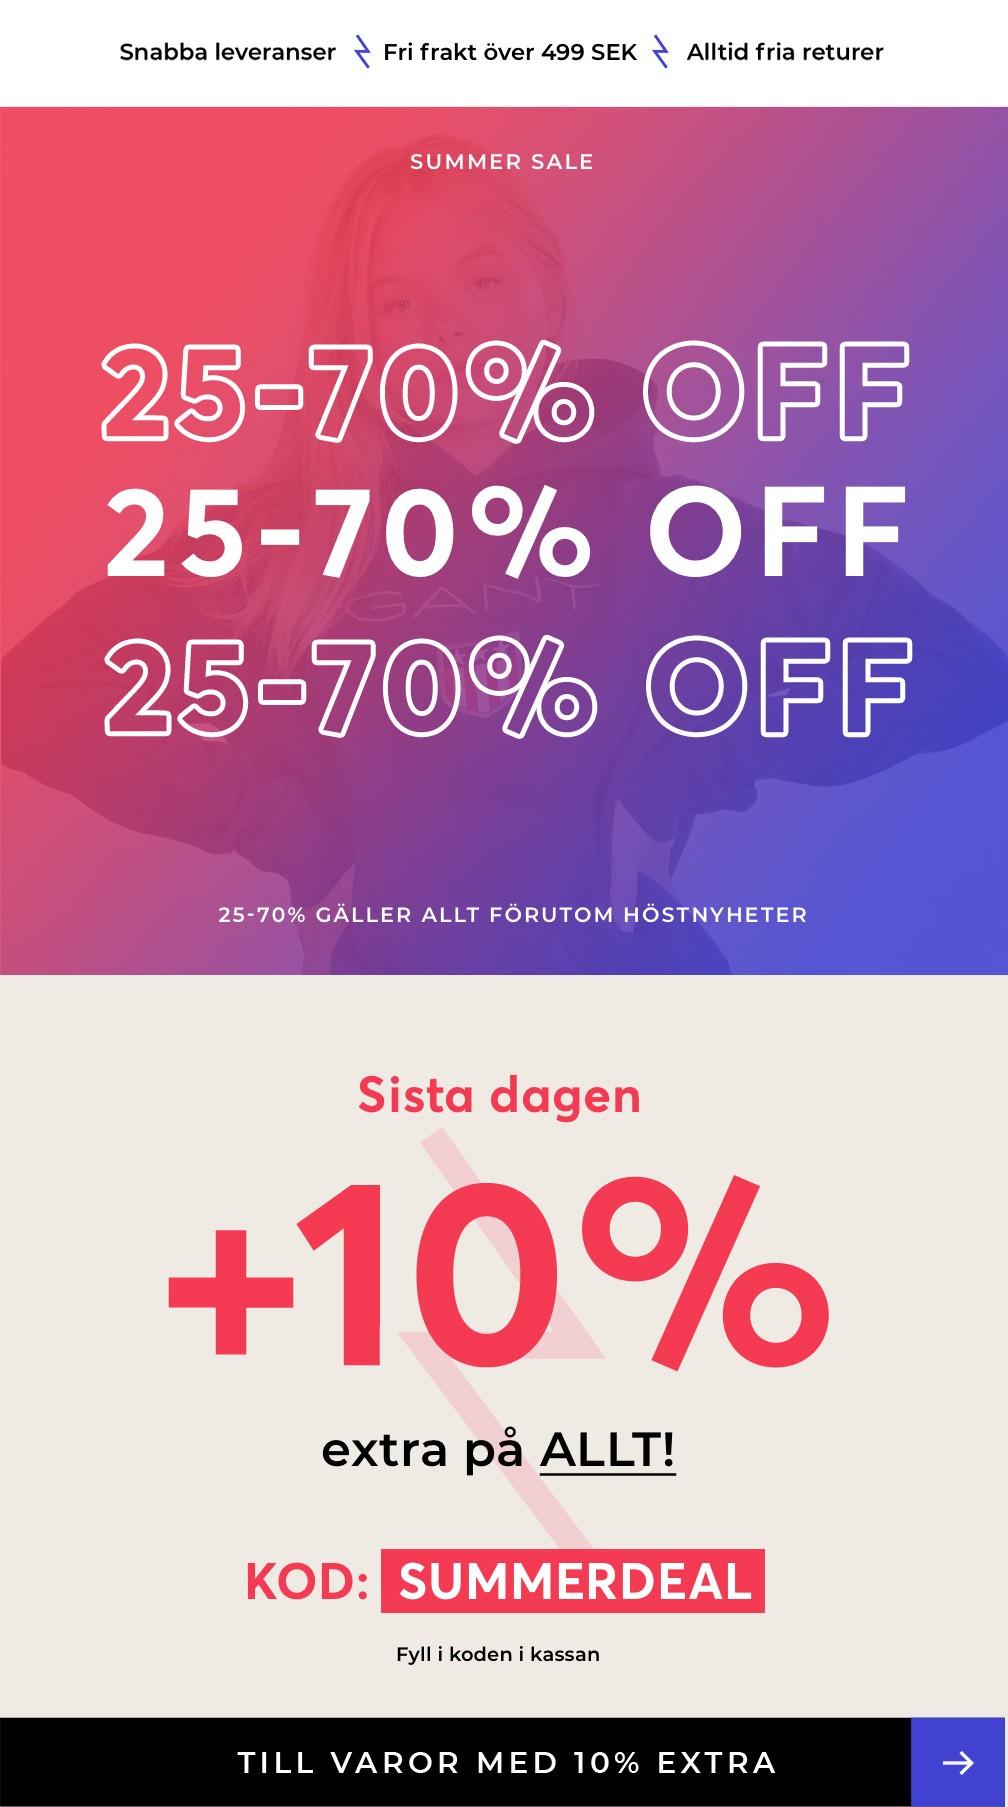 10% EXTRA 4 Sista dagen